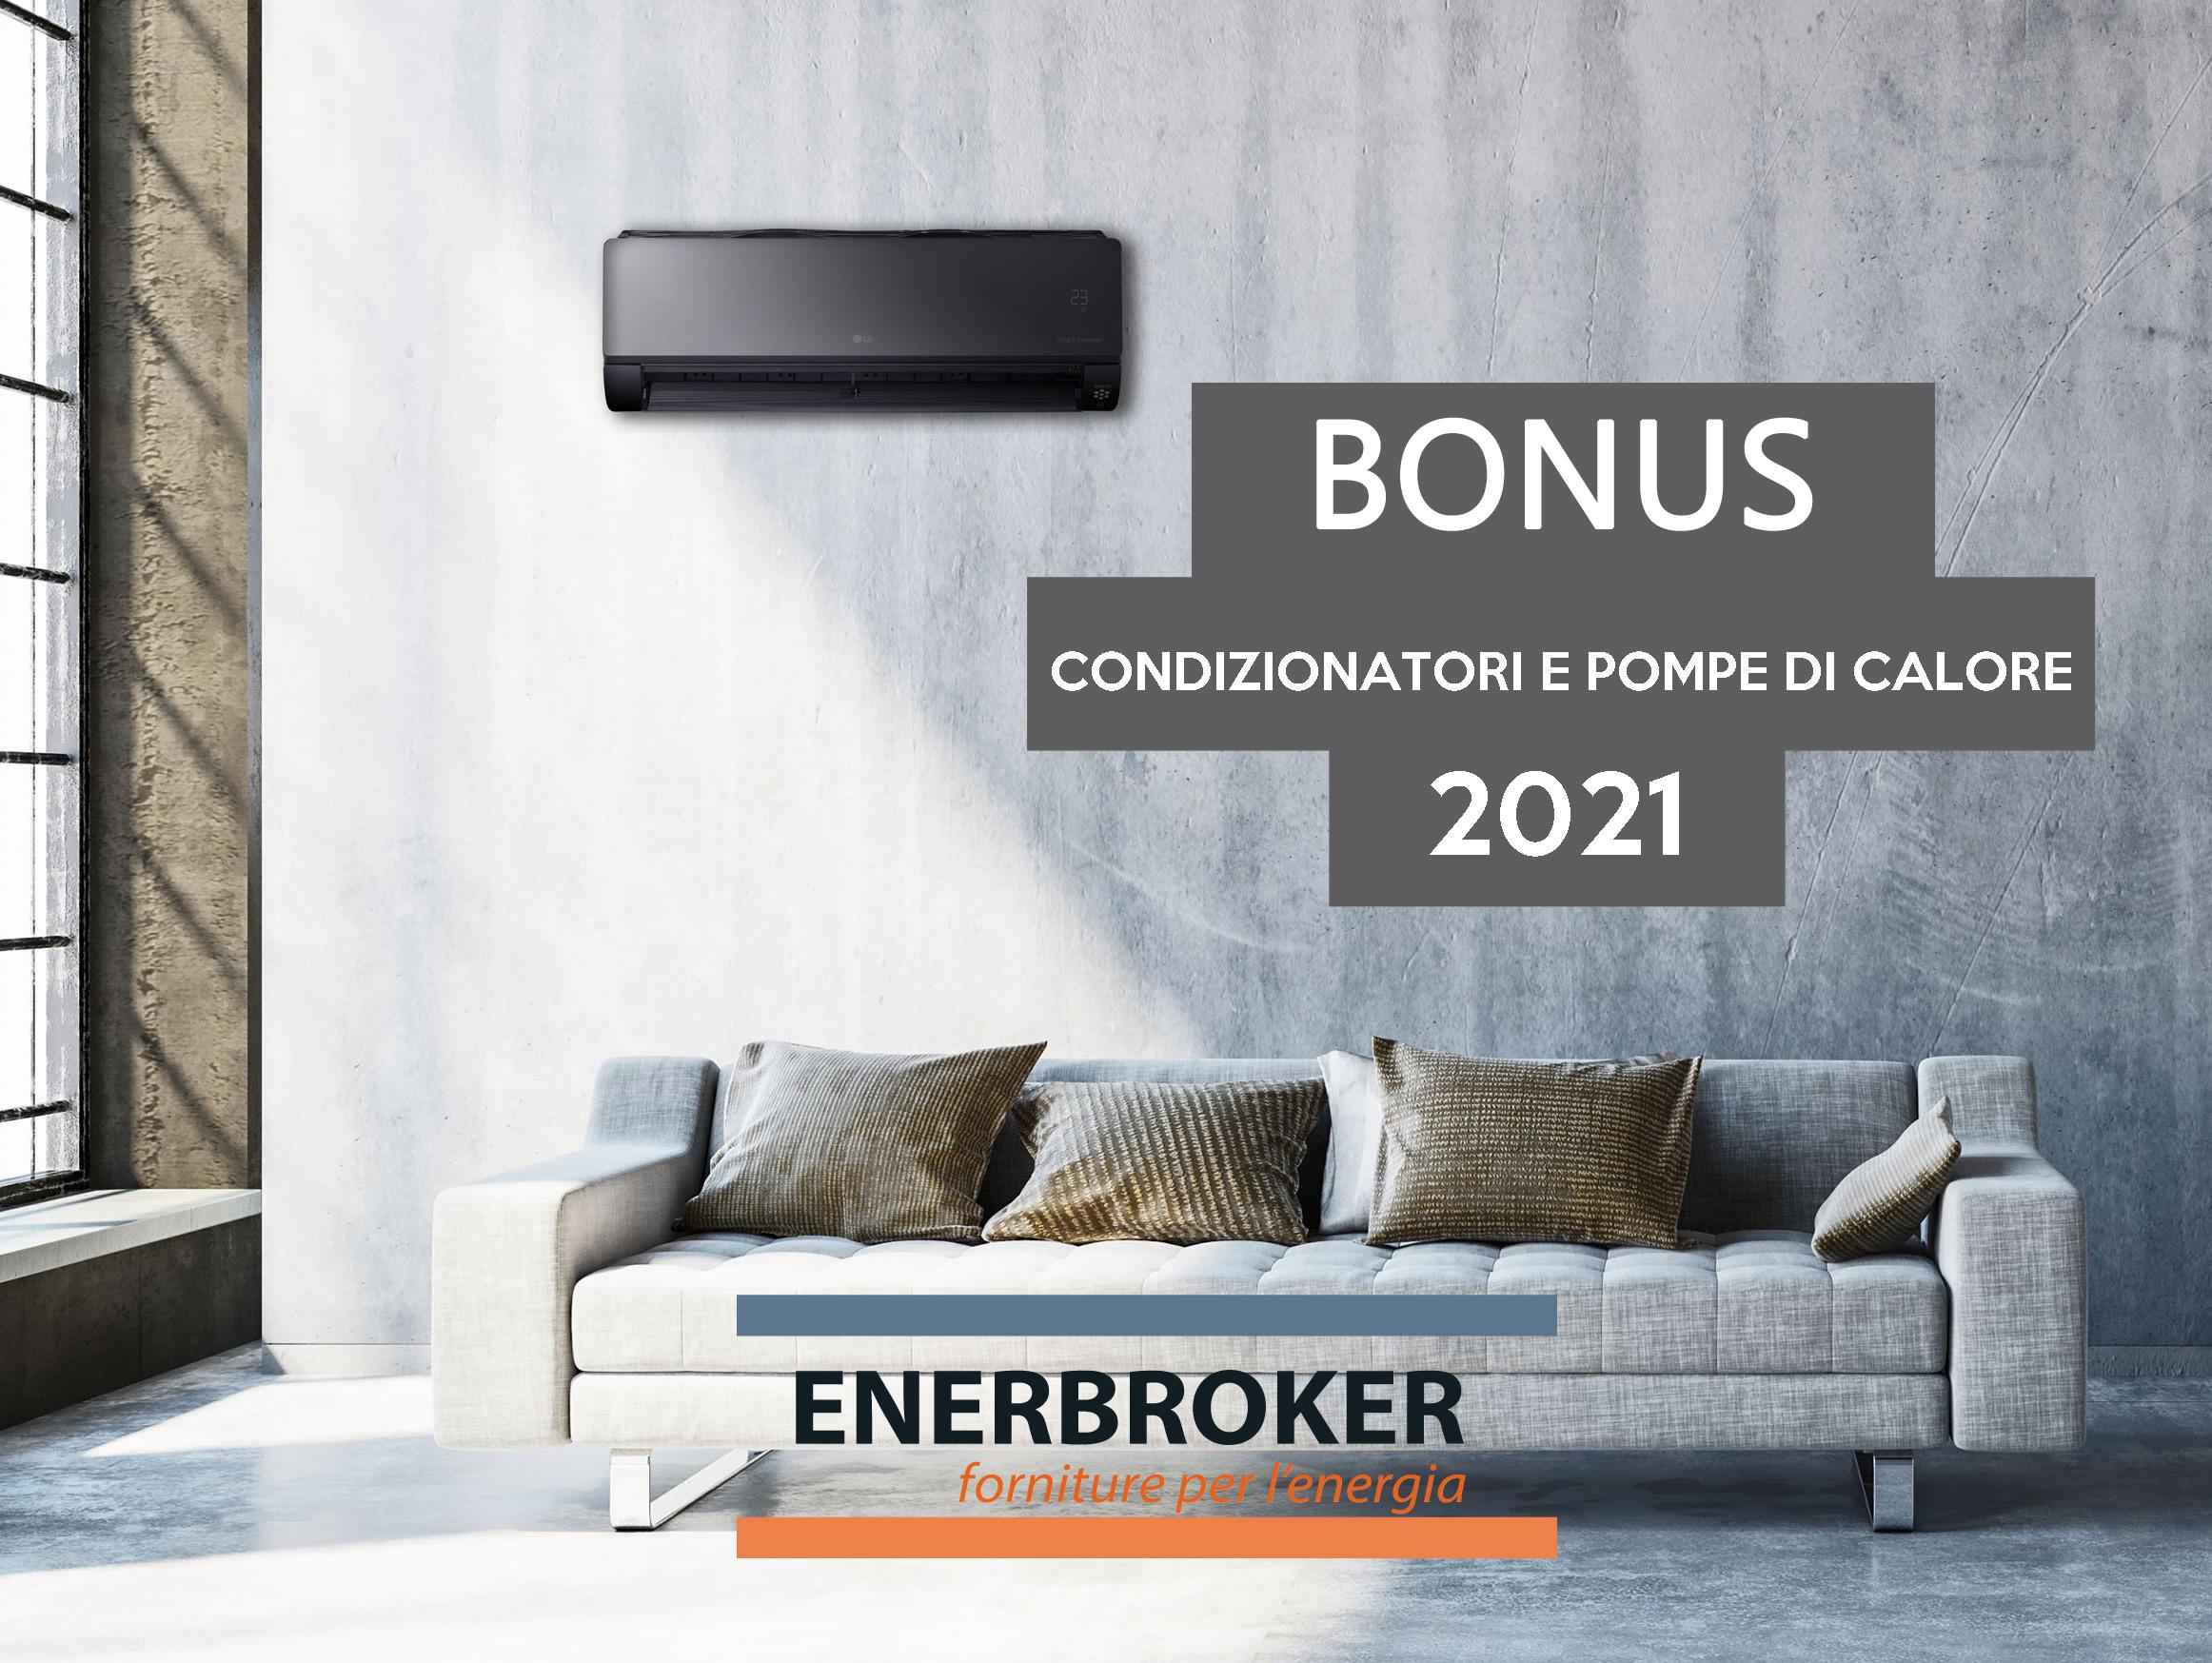 Bonus condizionatori e pompe di calore, c'è tempo fino al 31 dicembre 2021